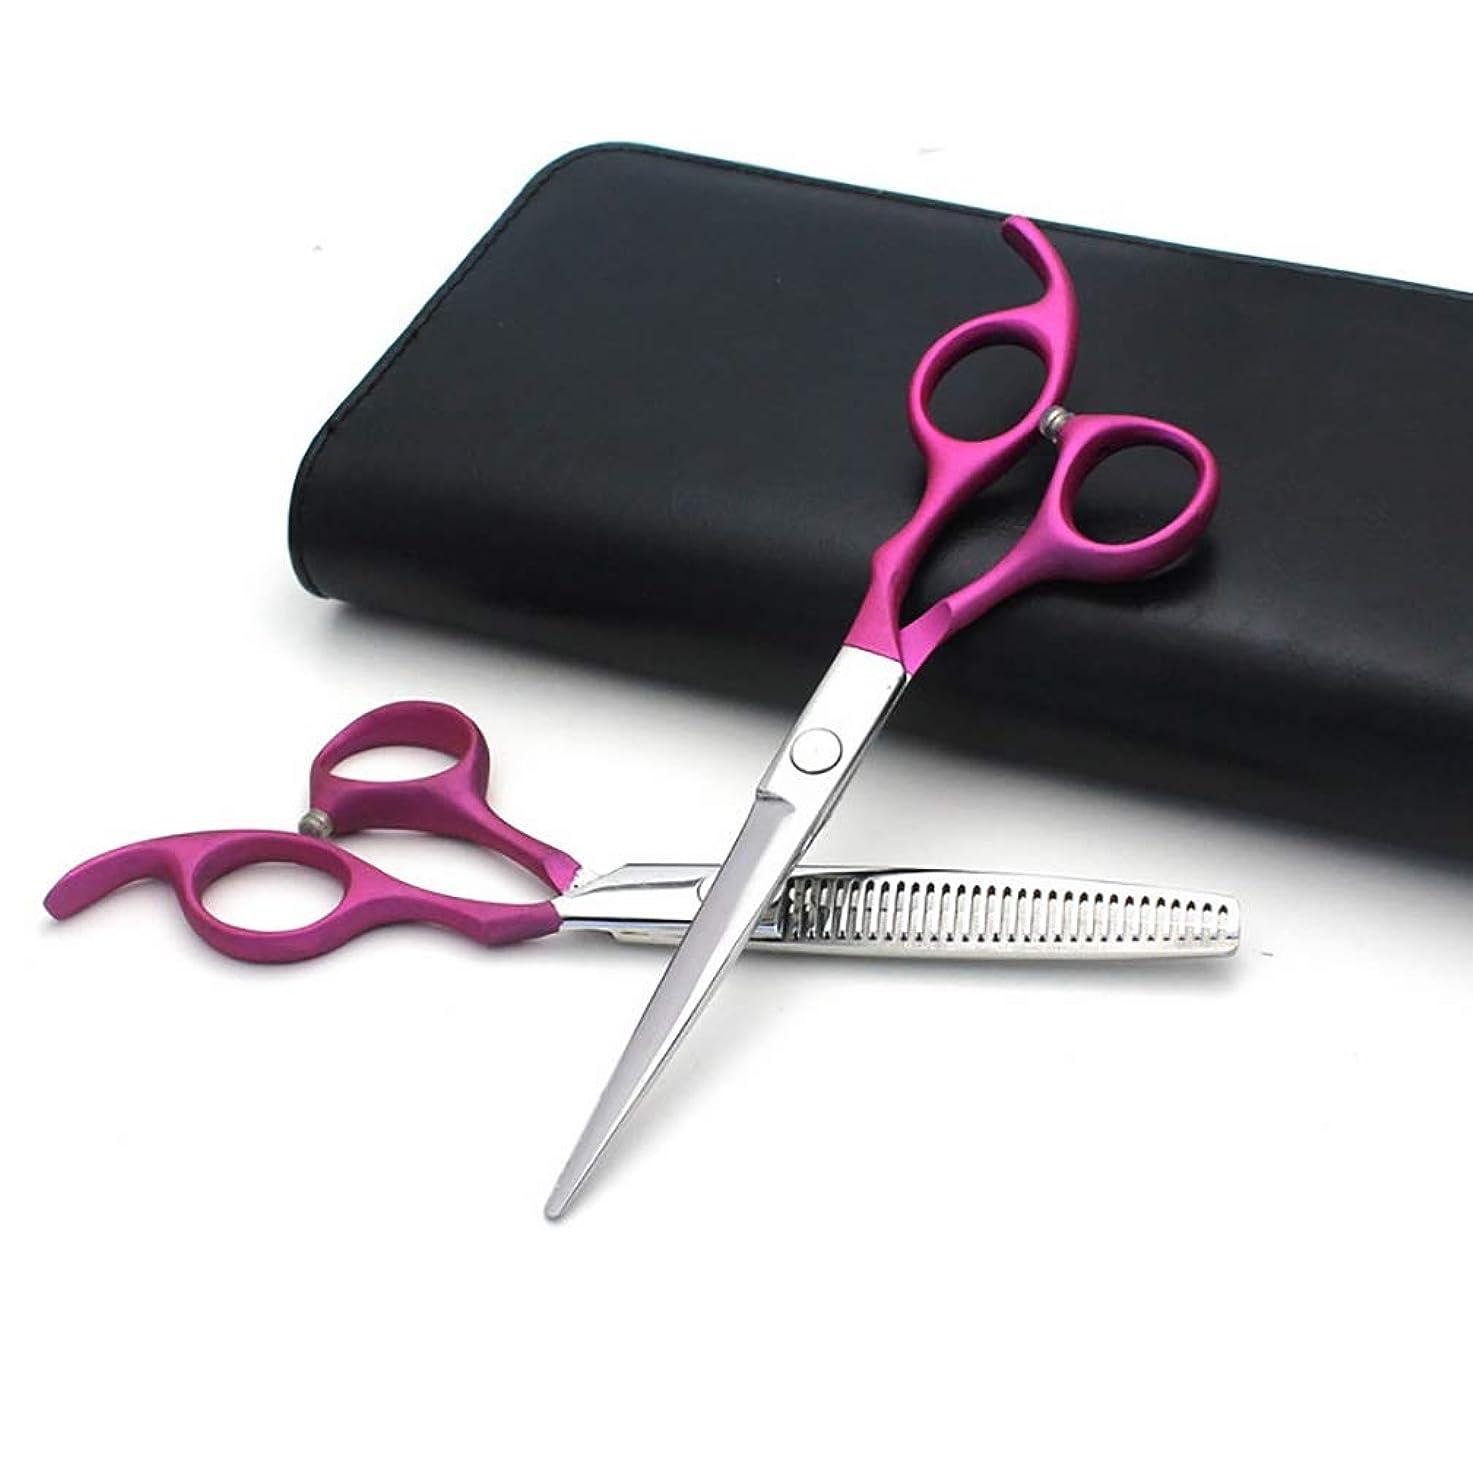 終わり純度ドアミラー美容院のはさみは6.0インチ、大広間、理髪師または家の使用のための専門の毛のはさみそして理髪の薄くなるはさみを、軽くそして鋭く設定します,Pink